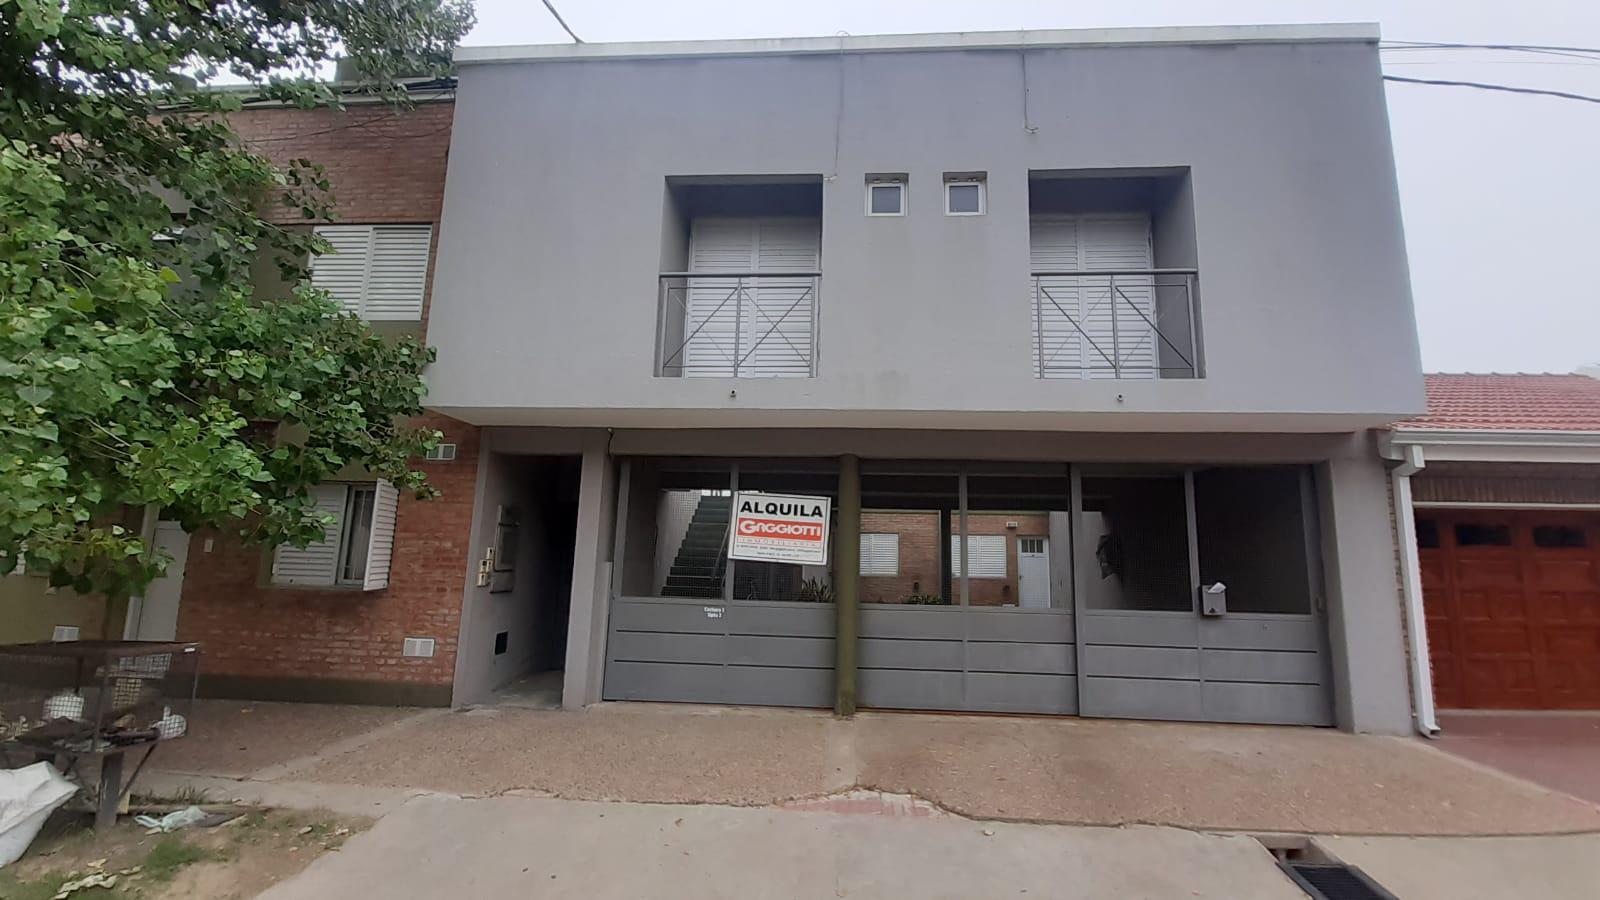 12 de octubre 309 PA 7 - Gaggiotti Inmobiliaria cuenta con más de 50 años desde que se inicio en el negocio de los servicios inmobiliarios.